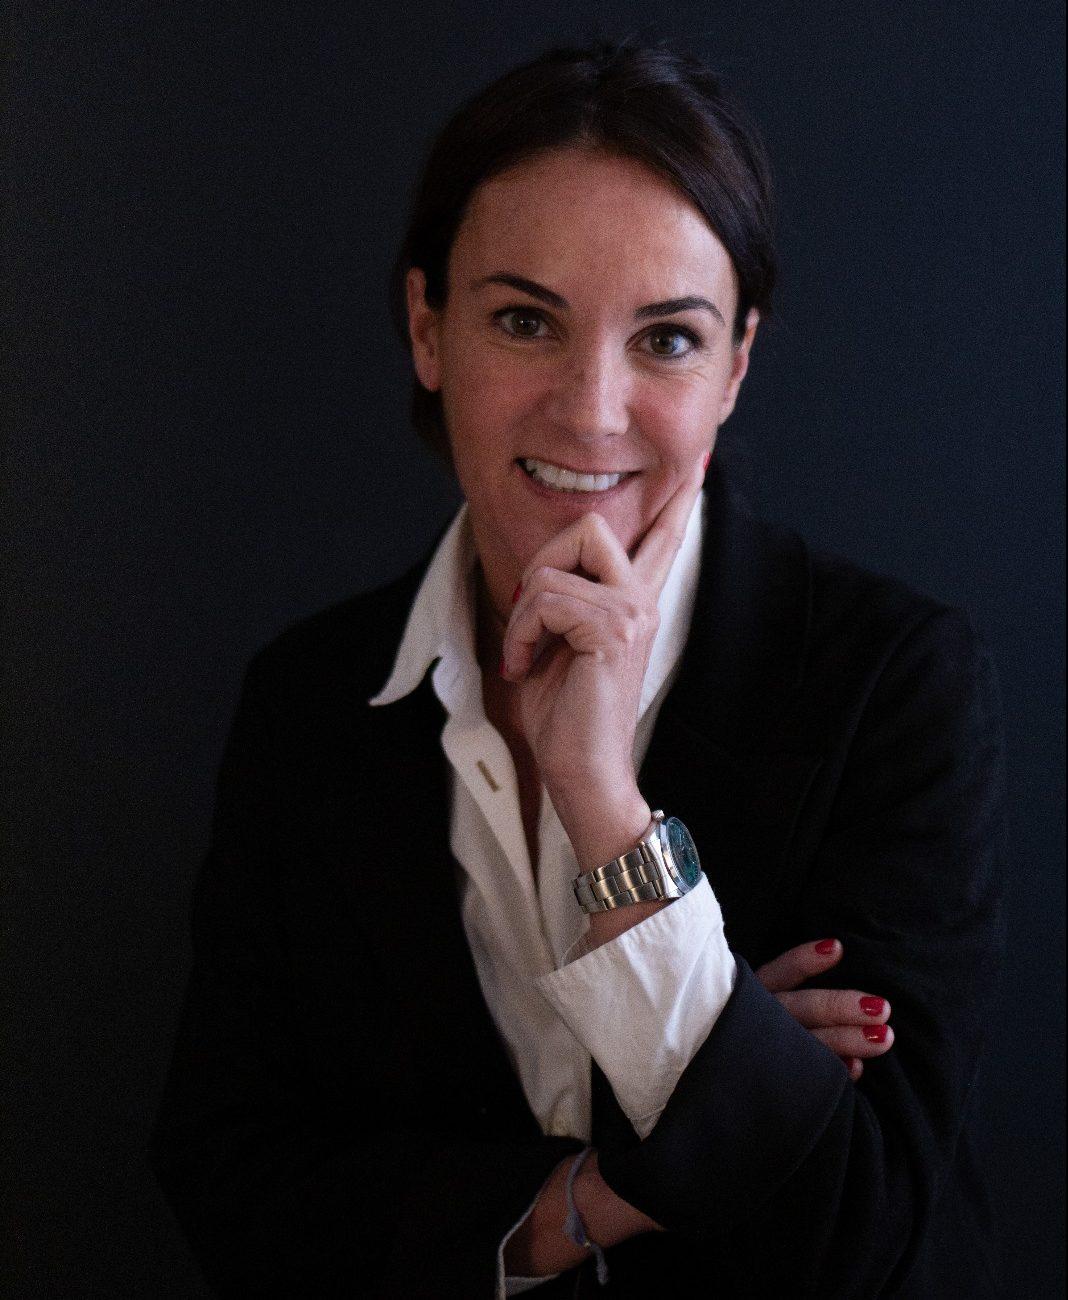 TALLER DE MARCA PERSONAL – Descubre tu talento y cómo ponerlo en valor